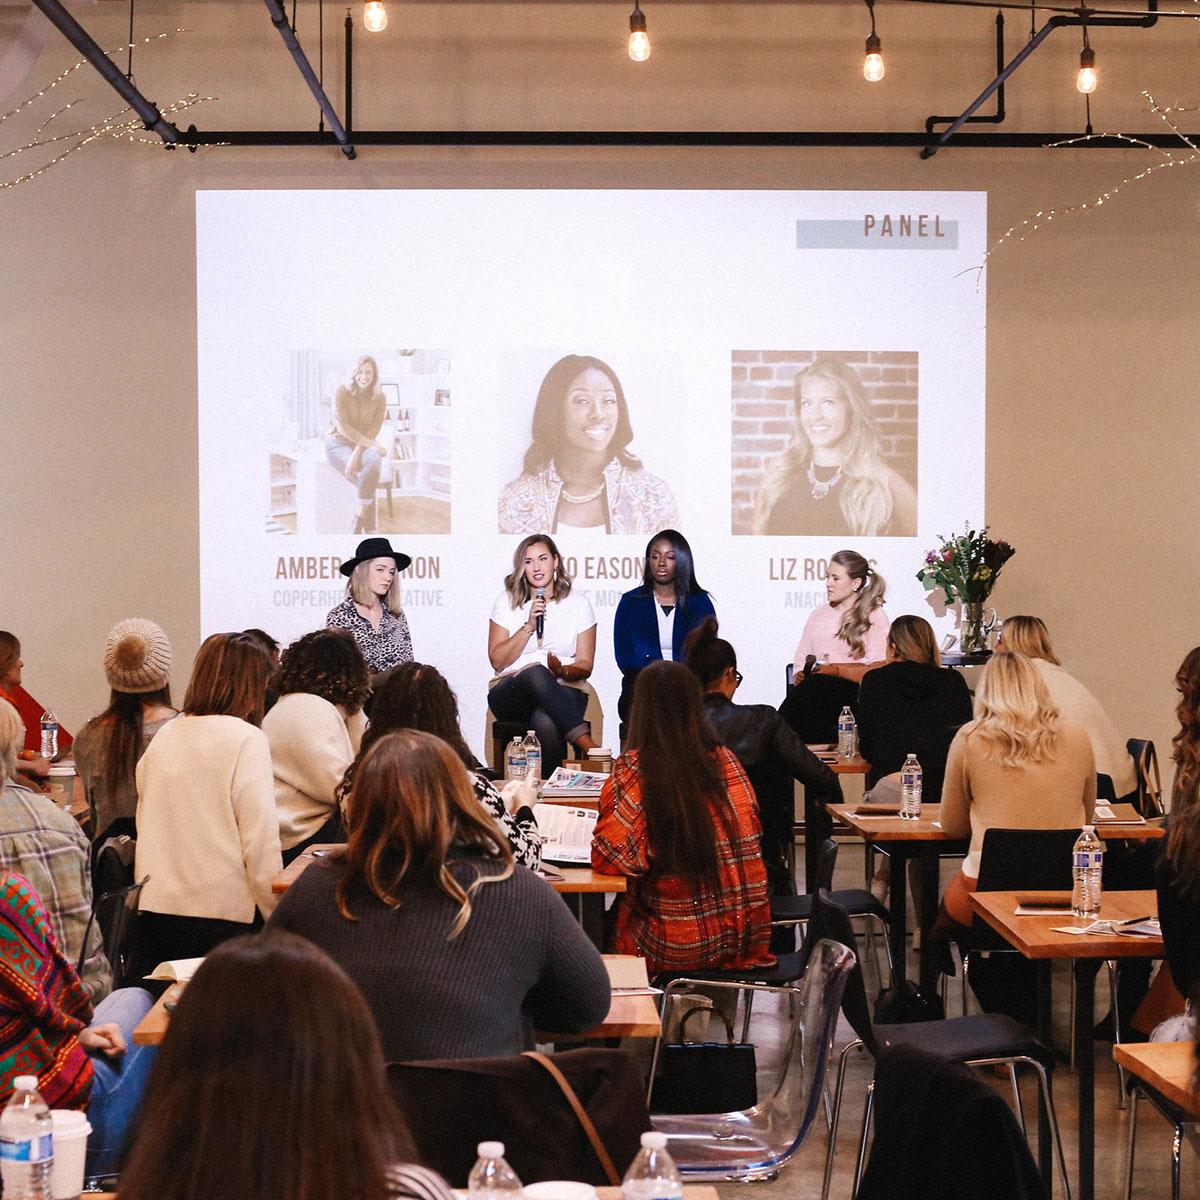 amber_brannon_speaking_panel-branding-business-owner.jpg